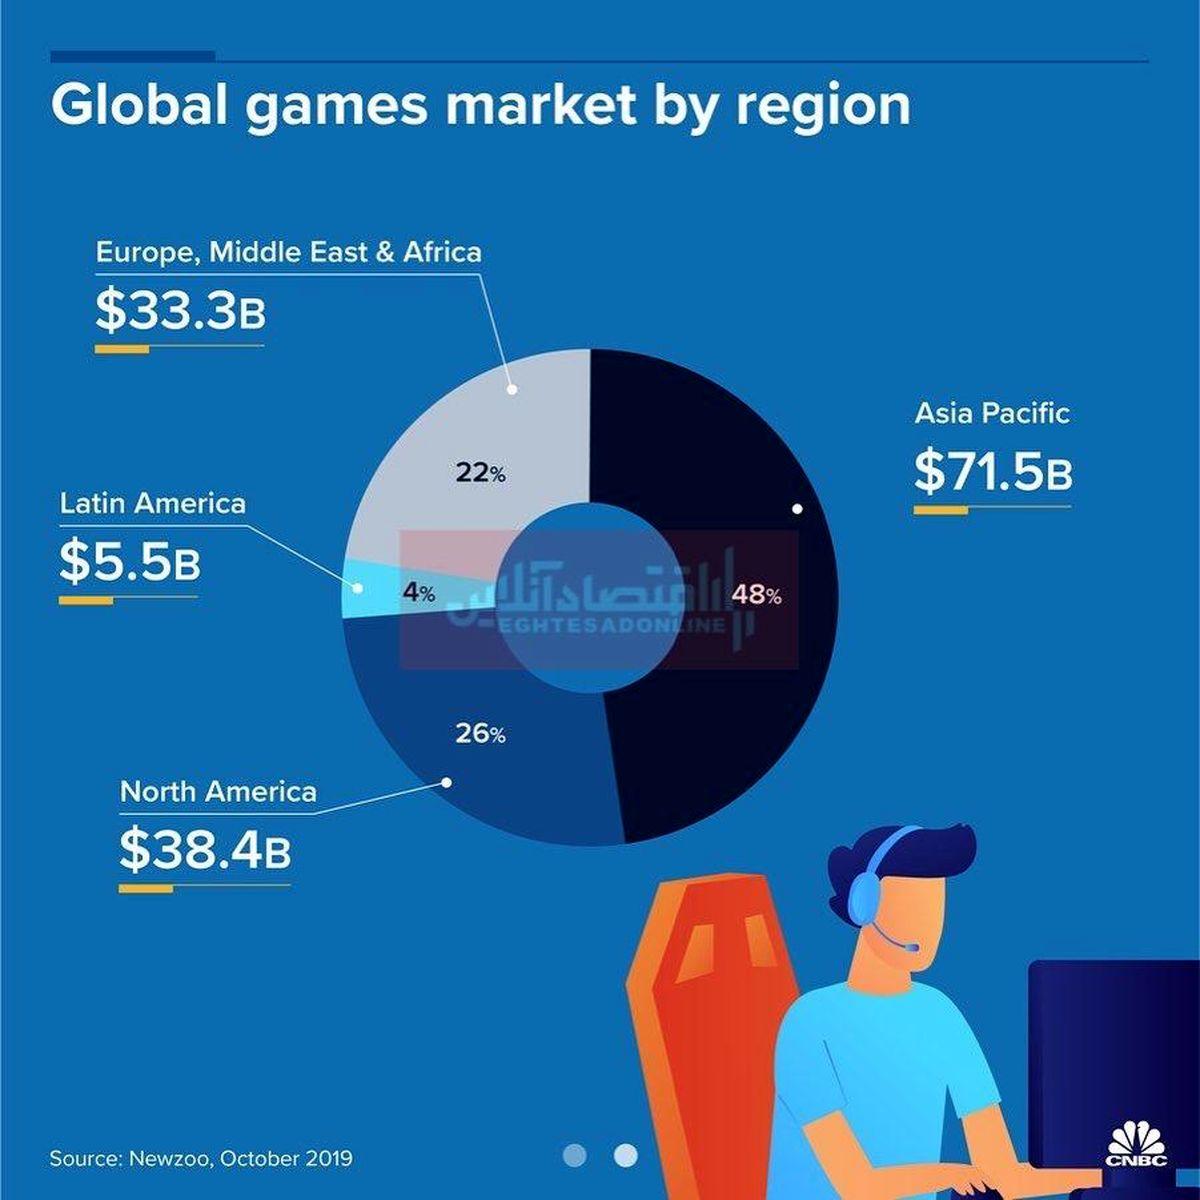 بررسی درآمد صنعت بازی در جهان/ کدام مناطق جهان بیشتر از بازیهای کامپیوتری استفاده میکنند؟